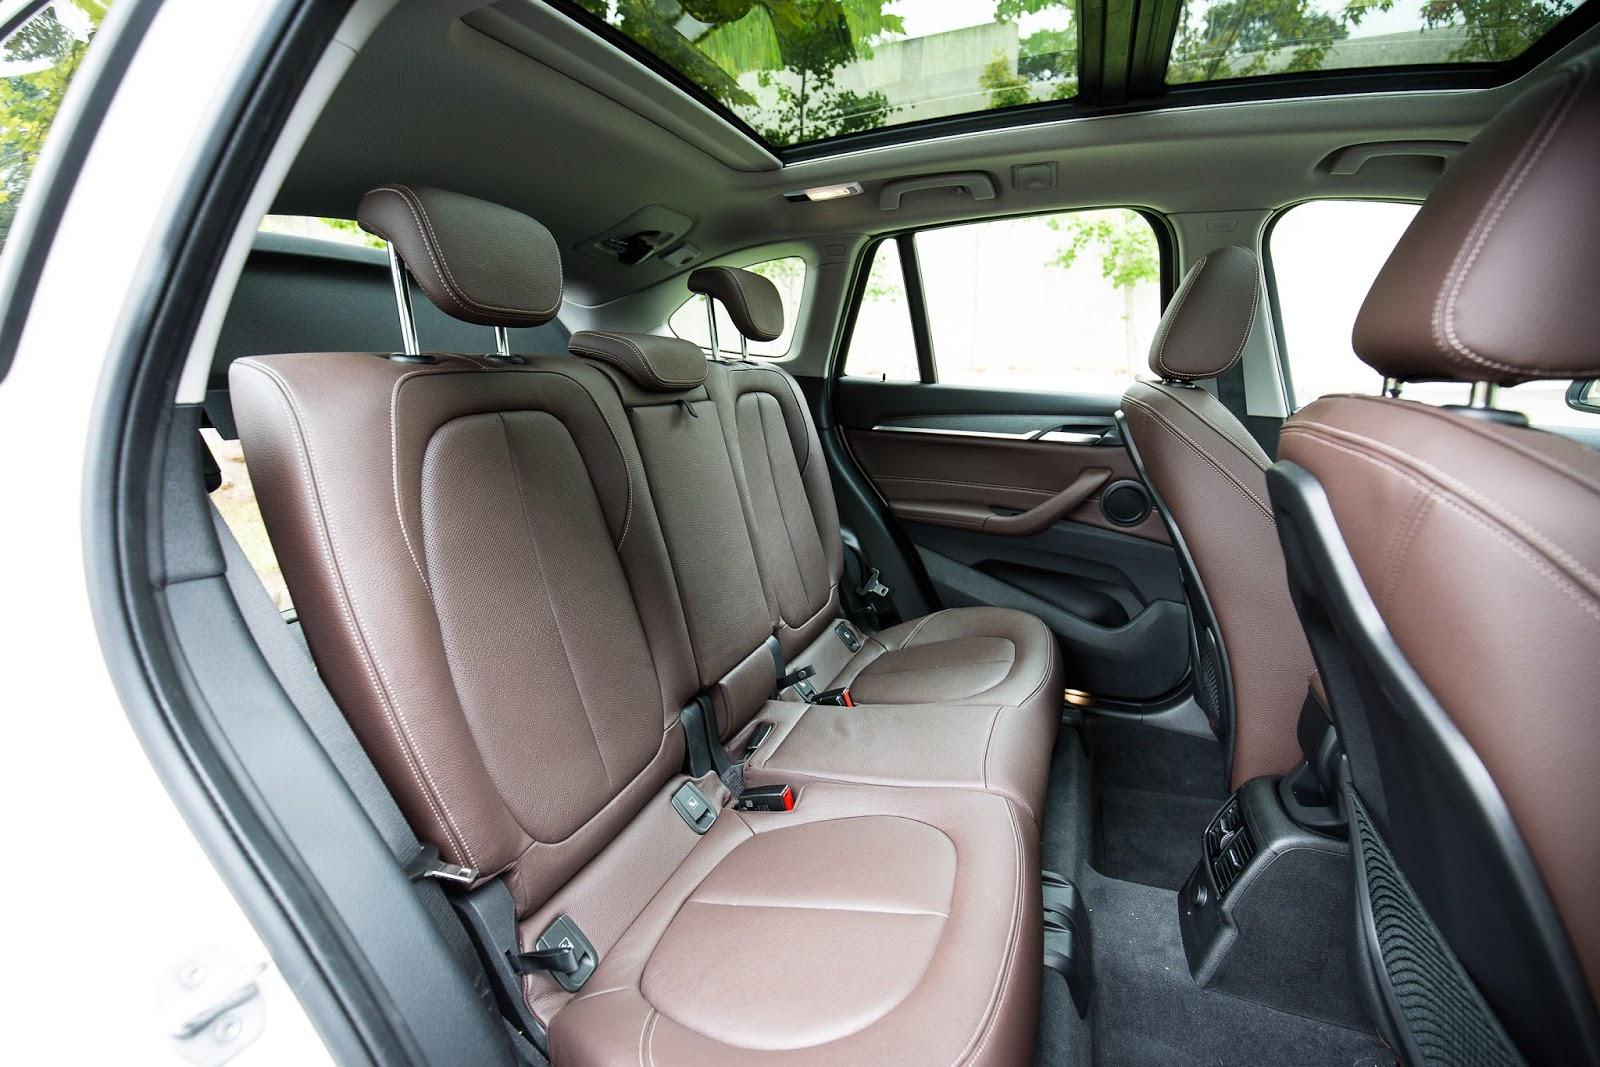 Hàng ghế thứ hai cực rộng và rất phong cách, có cửa sổ trời